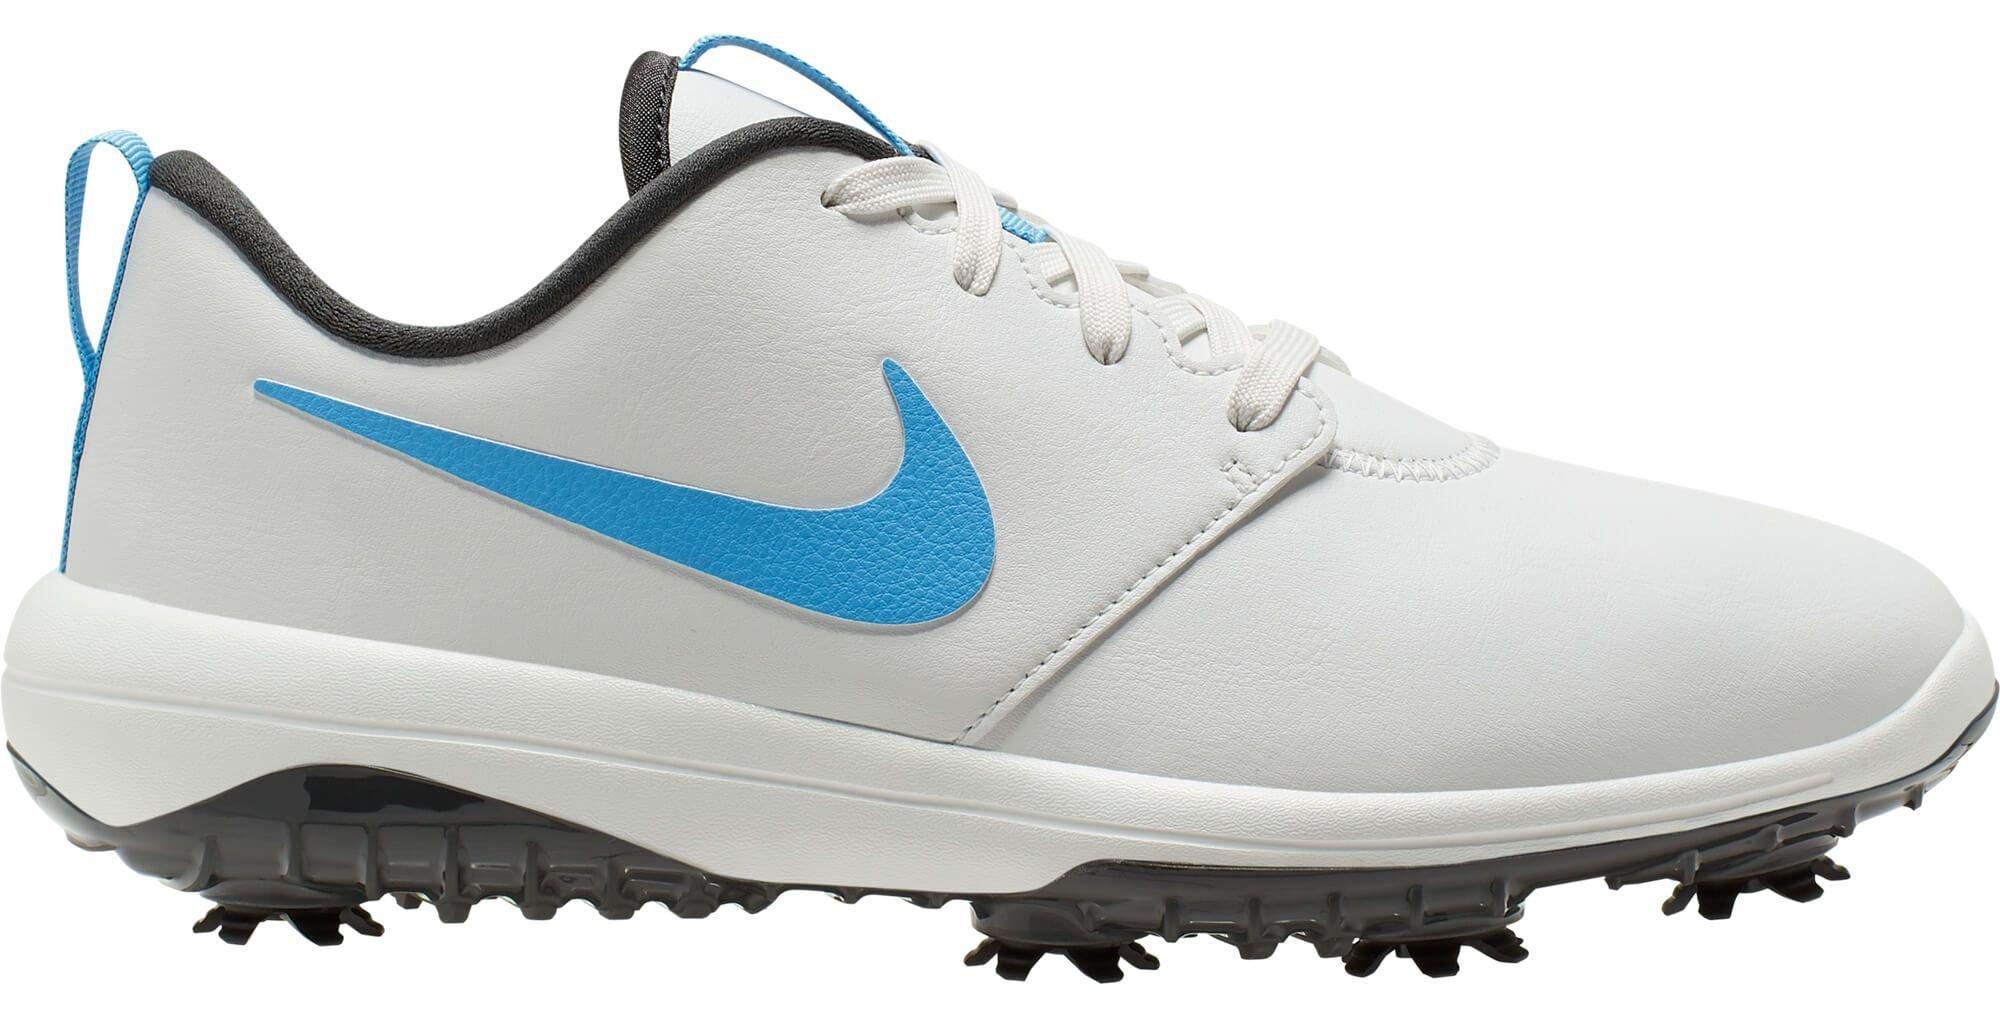 Nike Roshe G Tour Golf Shoes 2020